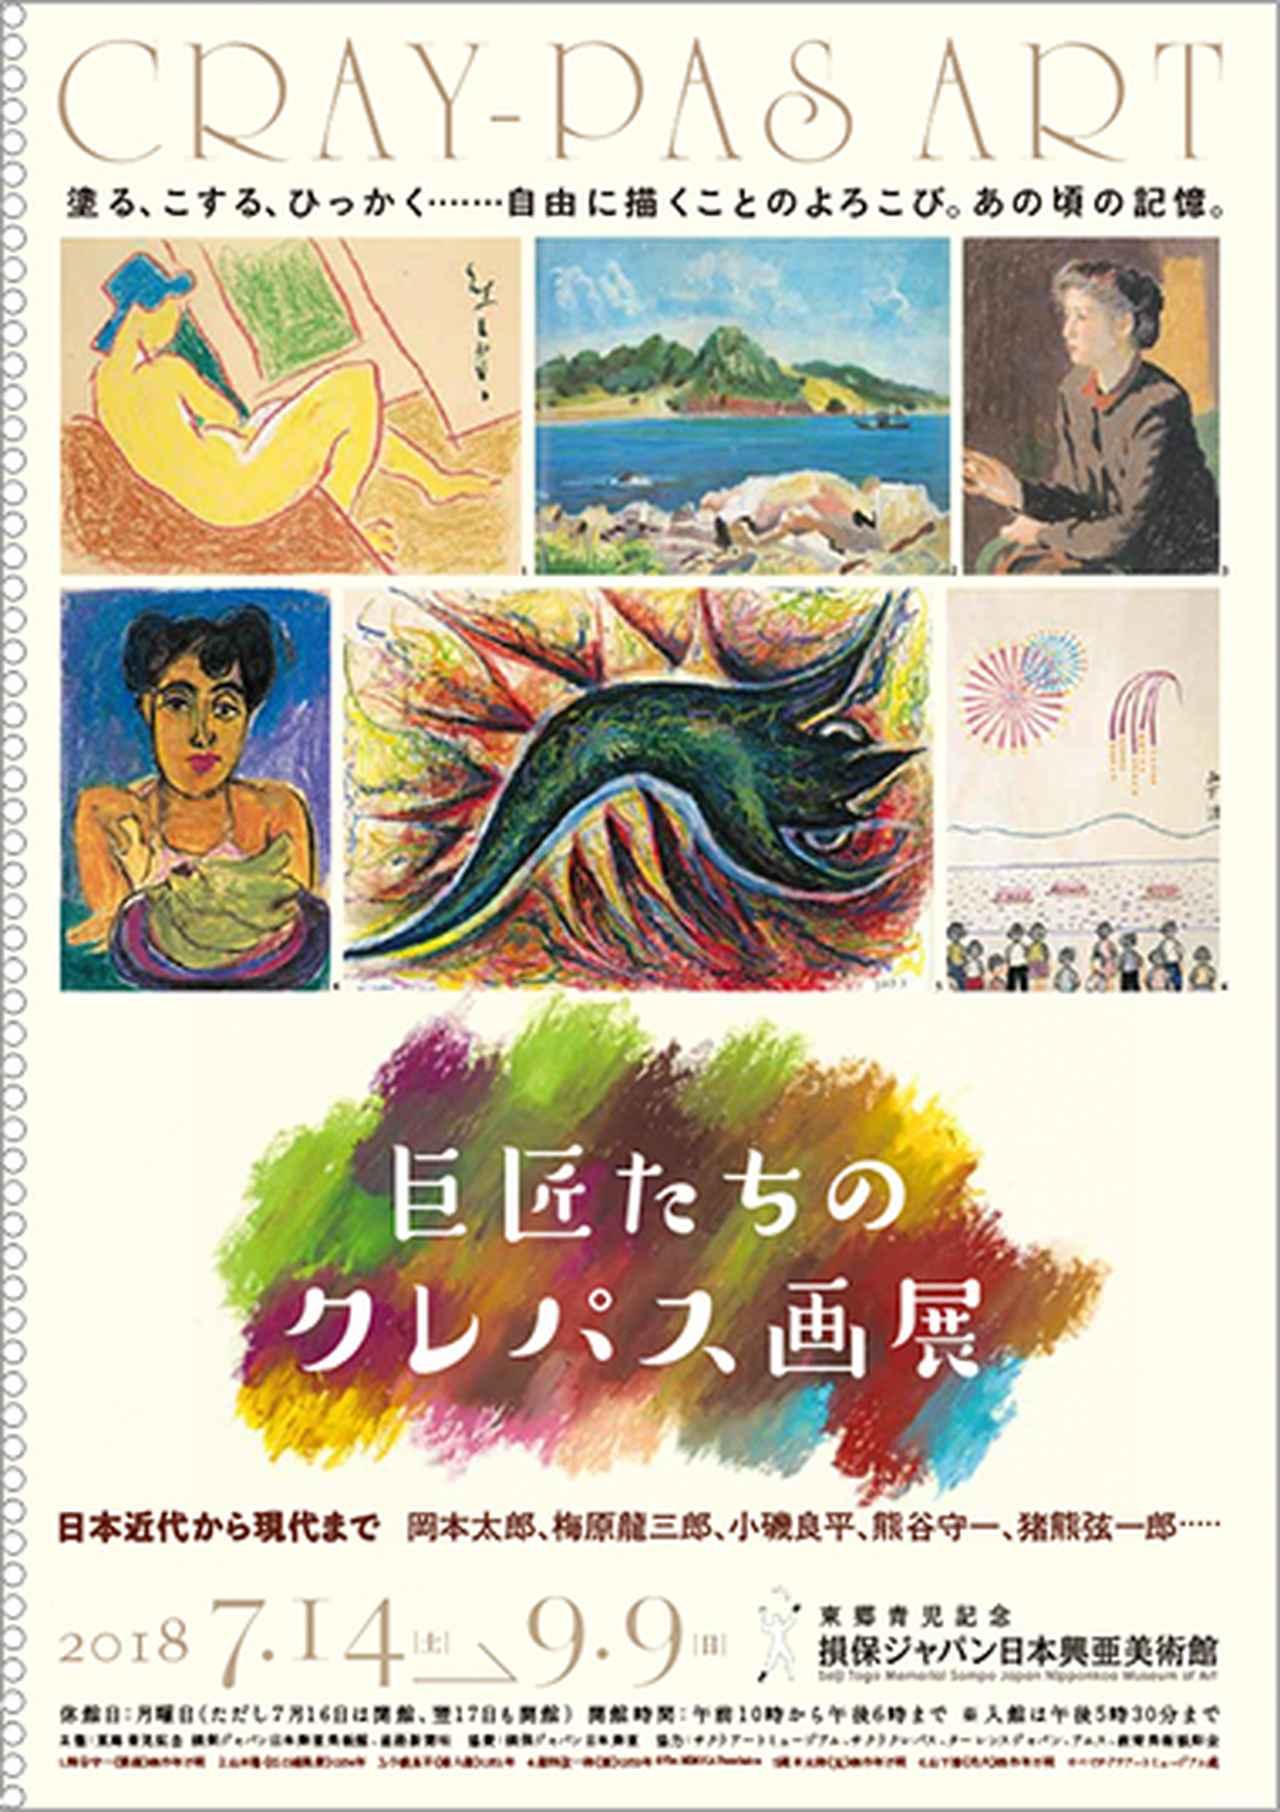 画像: 巨匠たちのクレパス画展   東郷青児記念 損保ジャパン日本興亜美術館